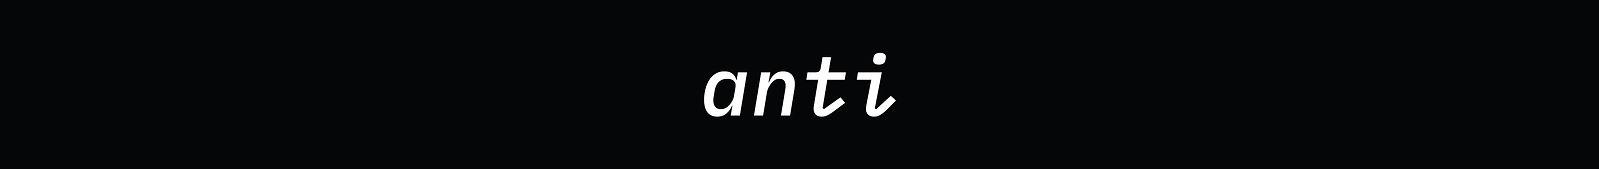 08_anti.jpg